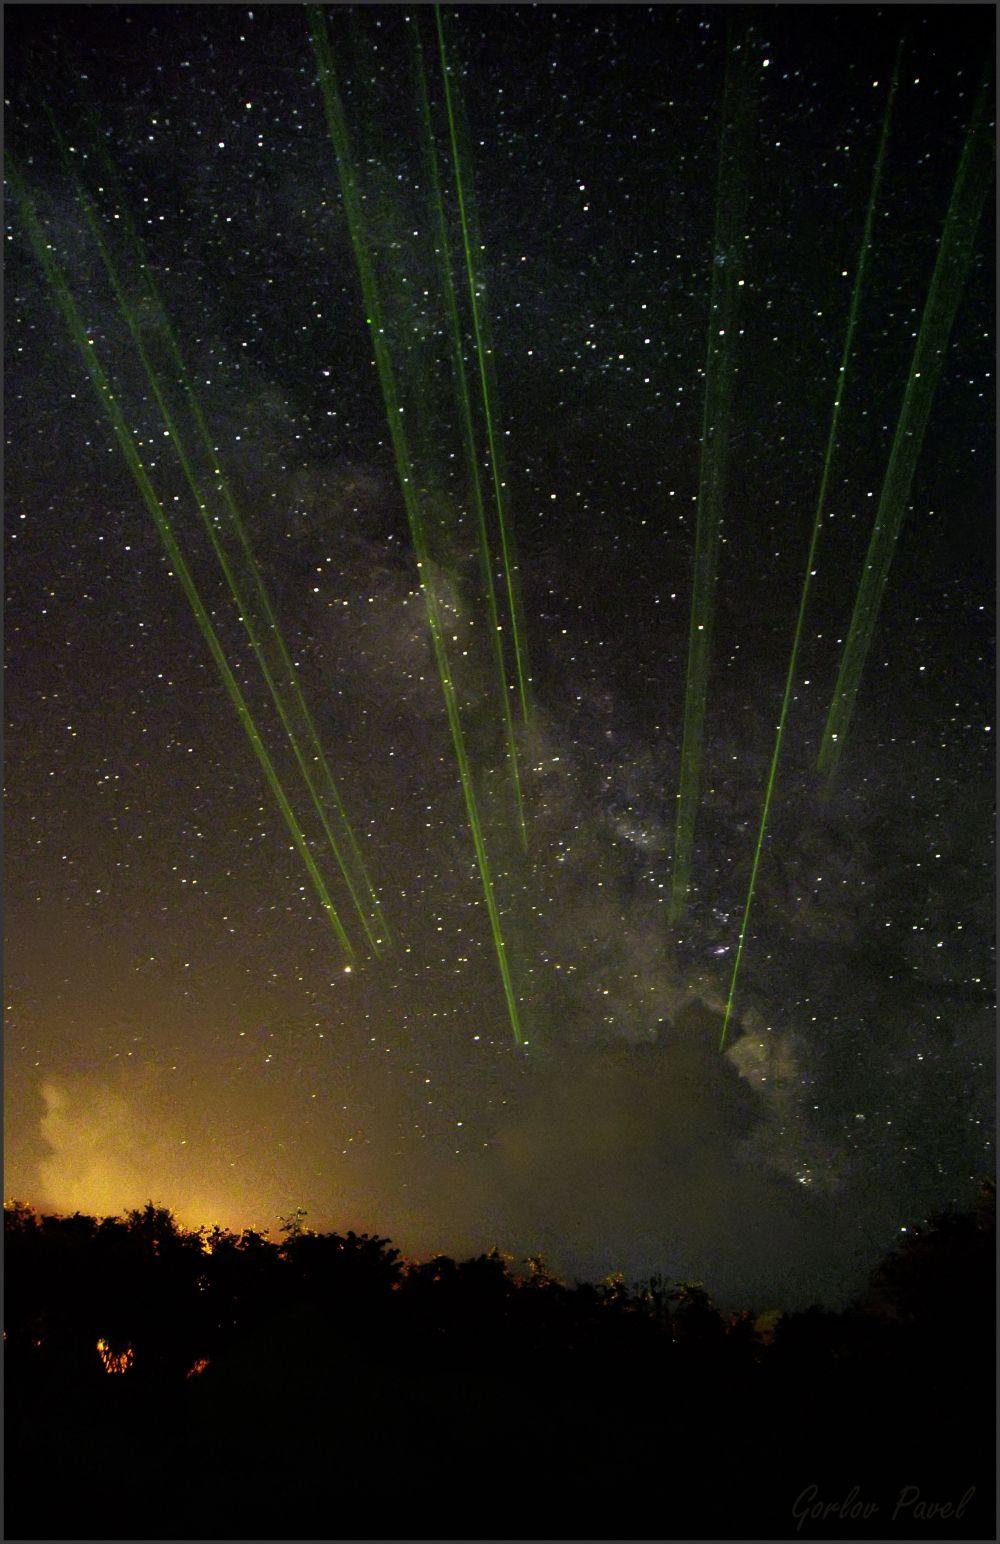 Млечный Путь и лучи от лазерной указки во время проведения экскурсии по созвездиям на СтарФэсте